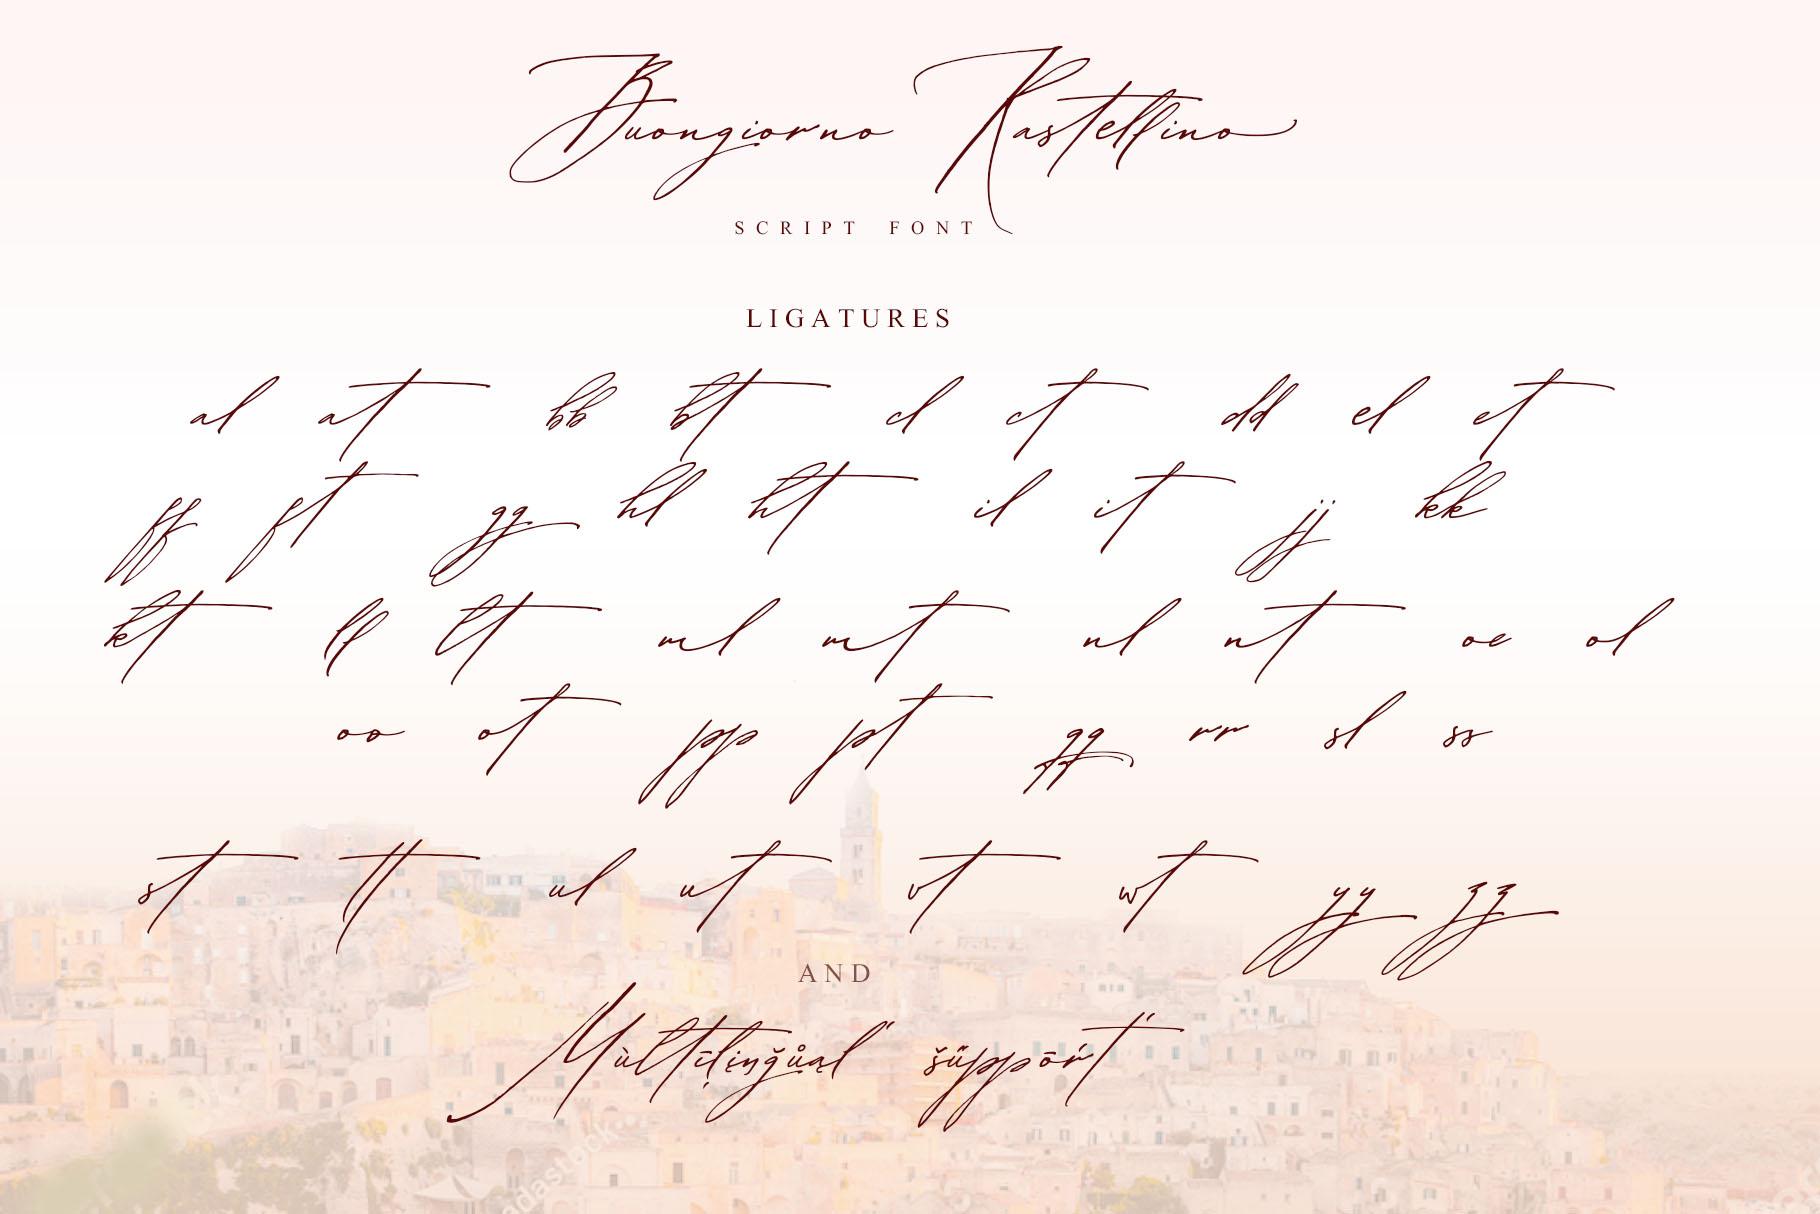 Buongiorno Rastellino script font example image 13